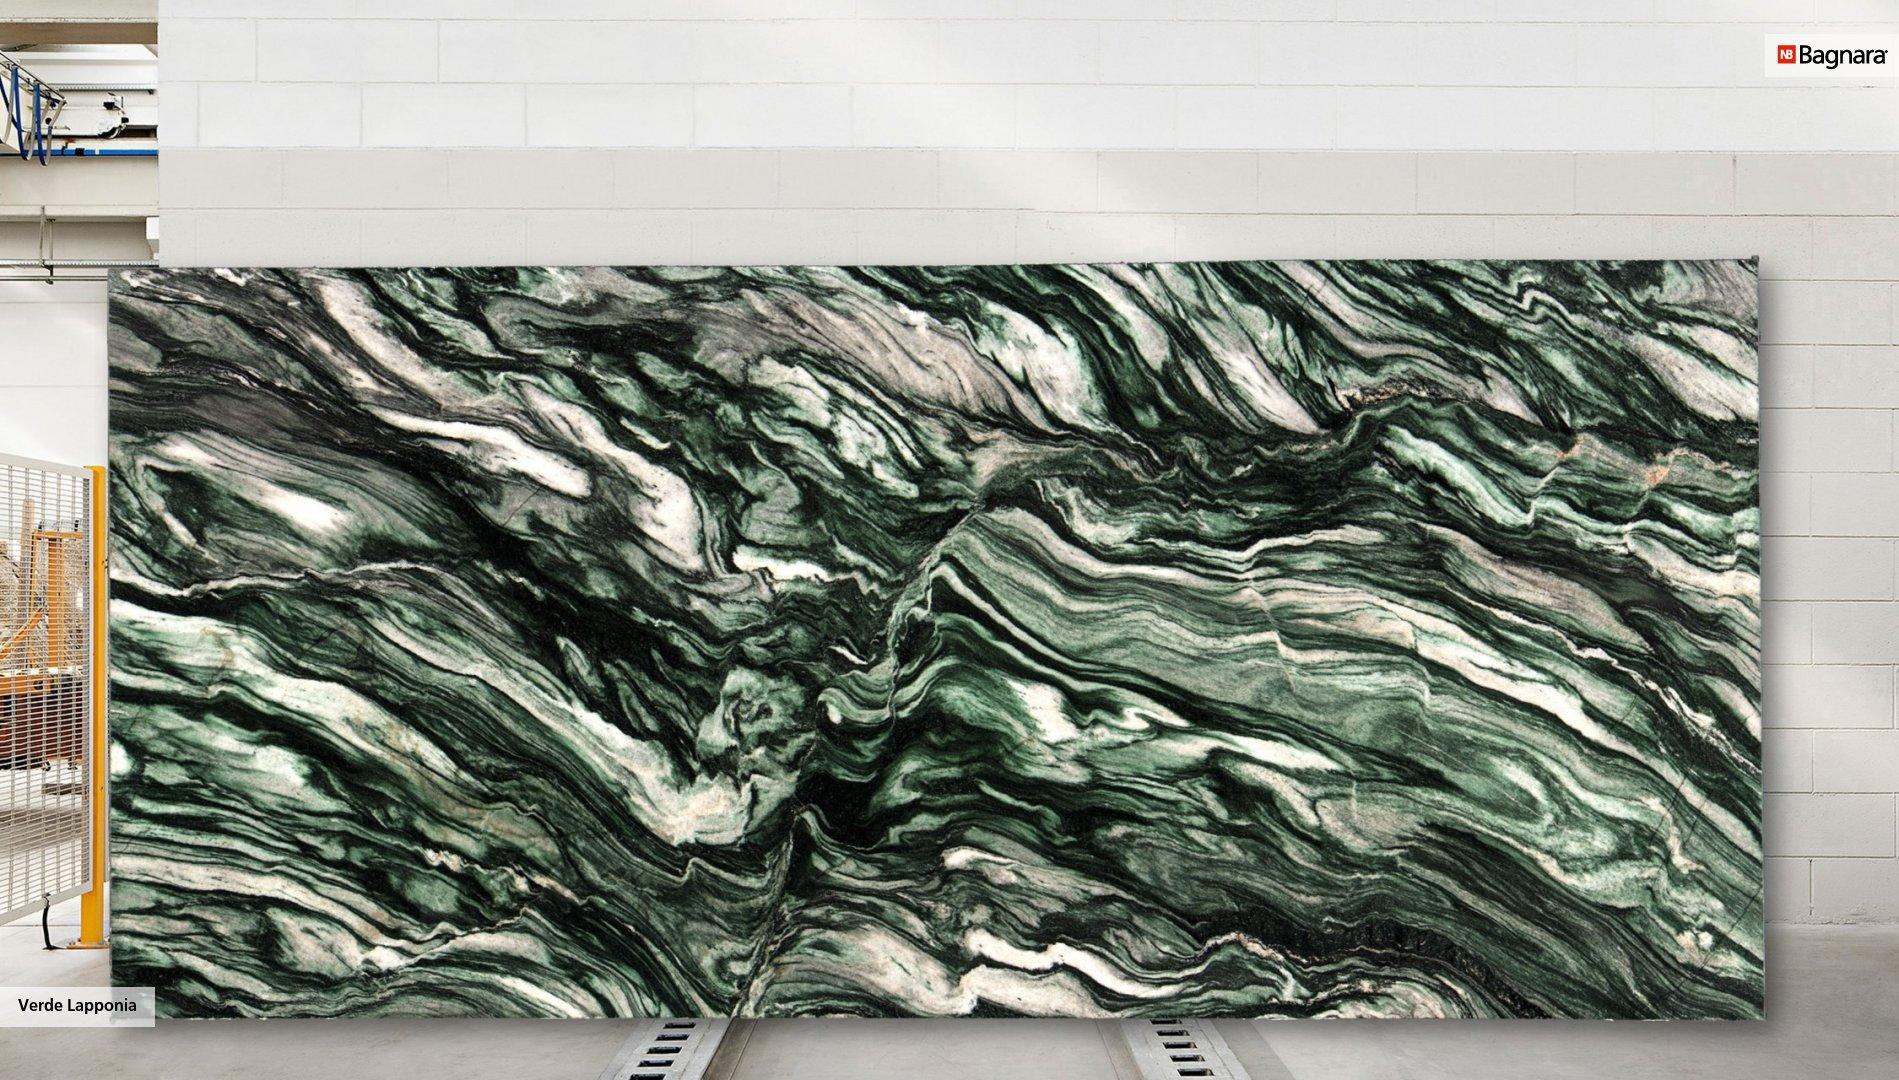 Verde Lapponia Slab